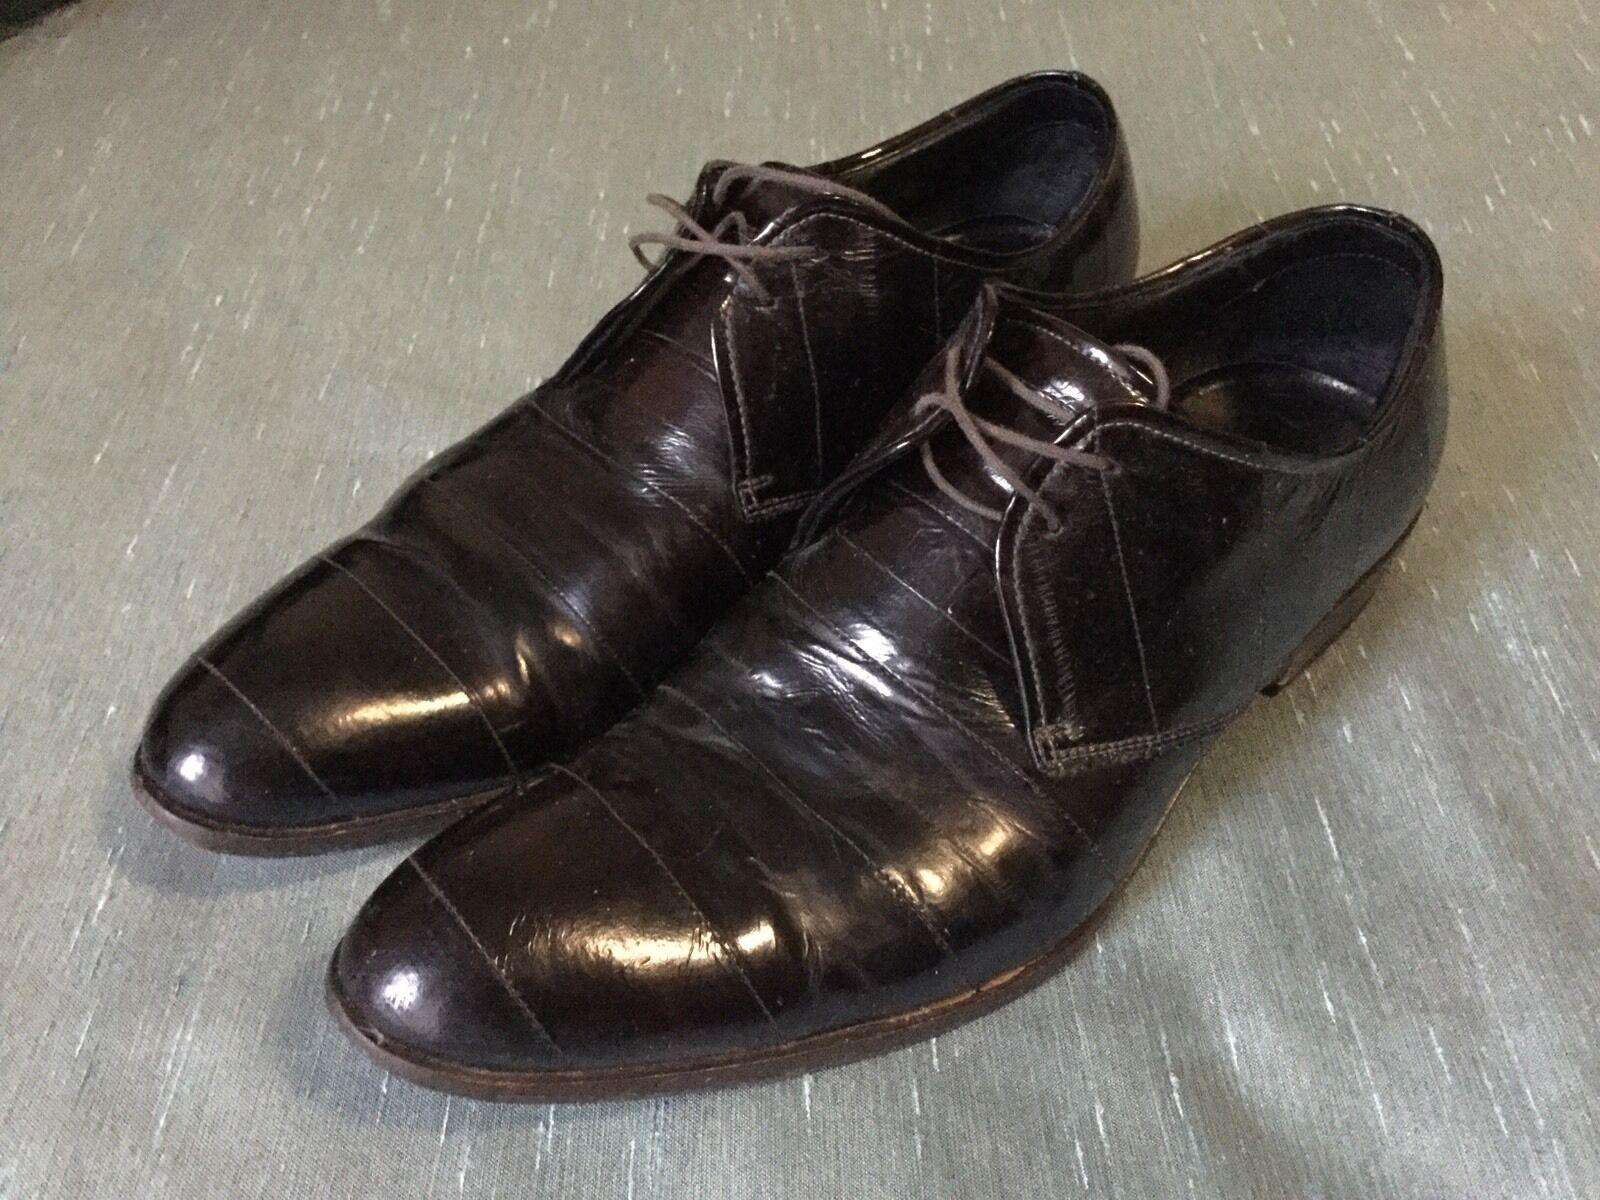 Kenneth Cole Dot Com EI Dark braun Eelskin Leather Derby oxford italy 8.5